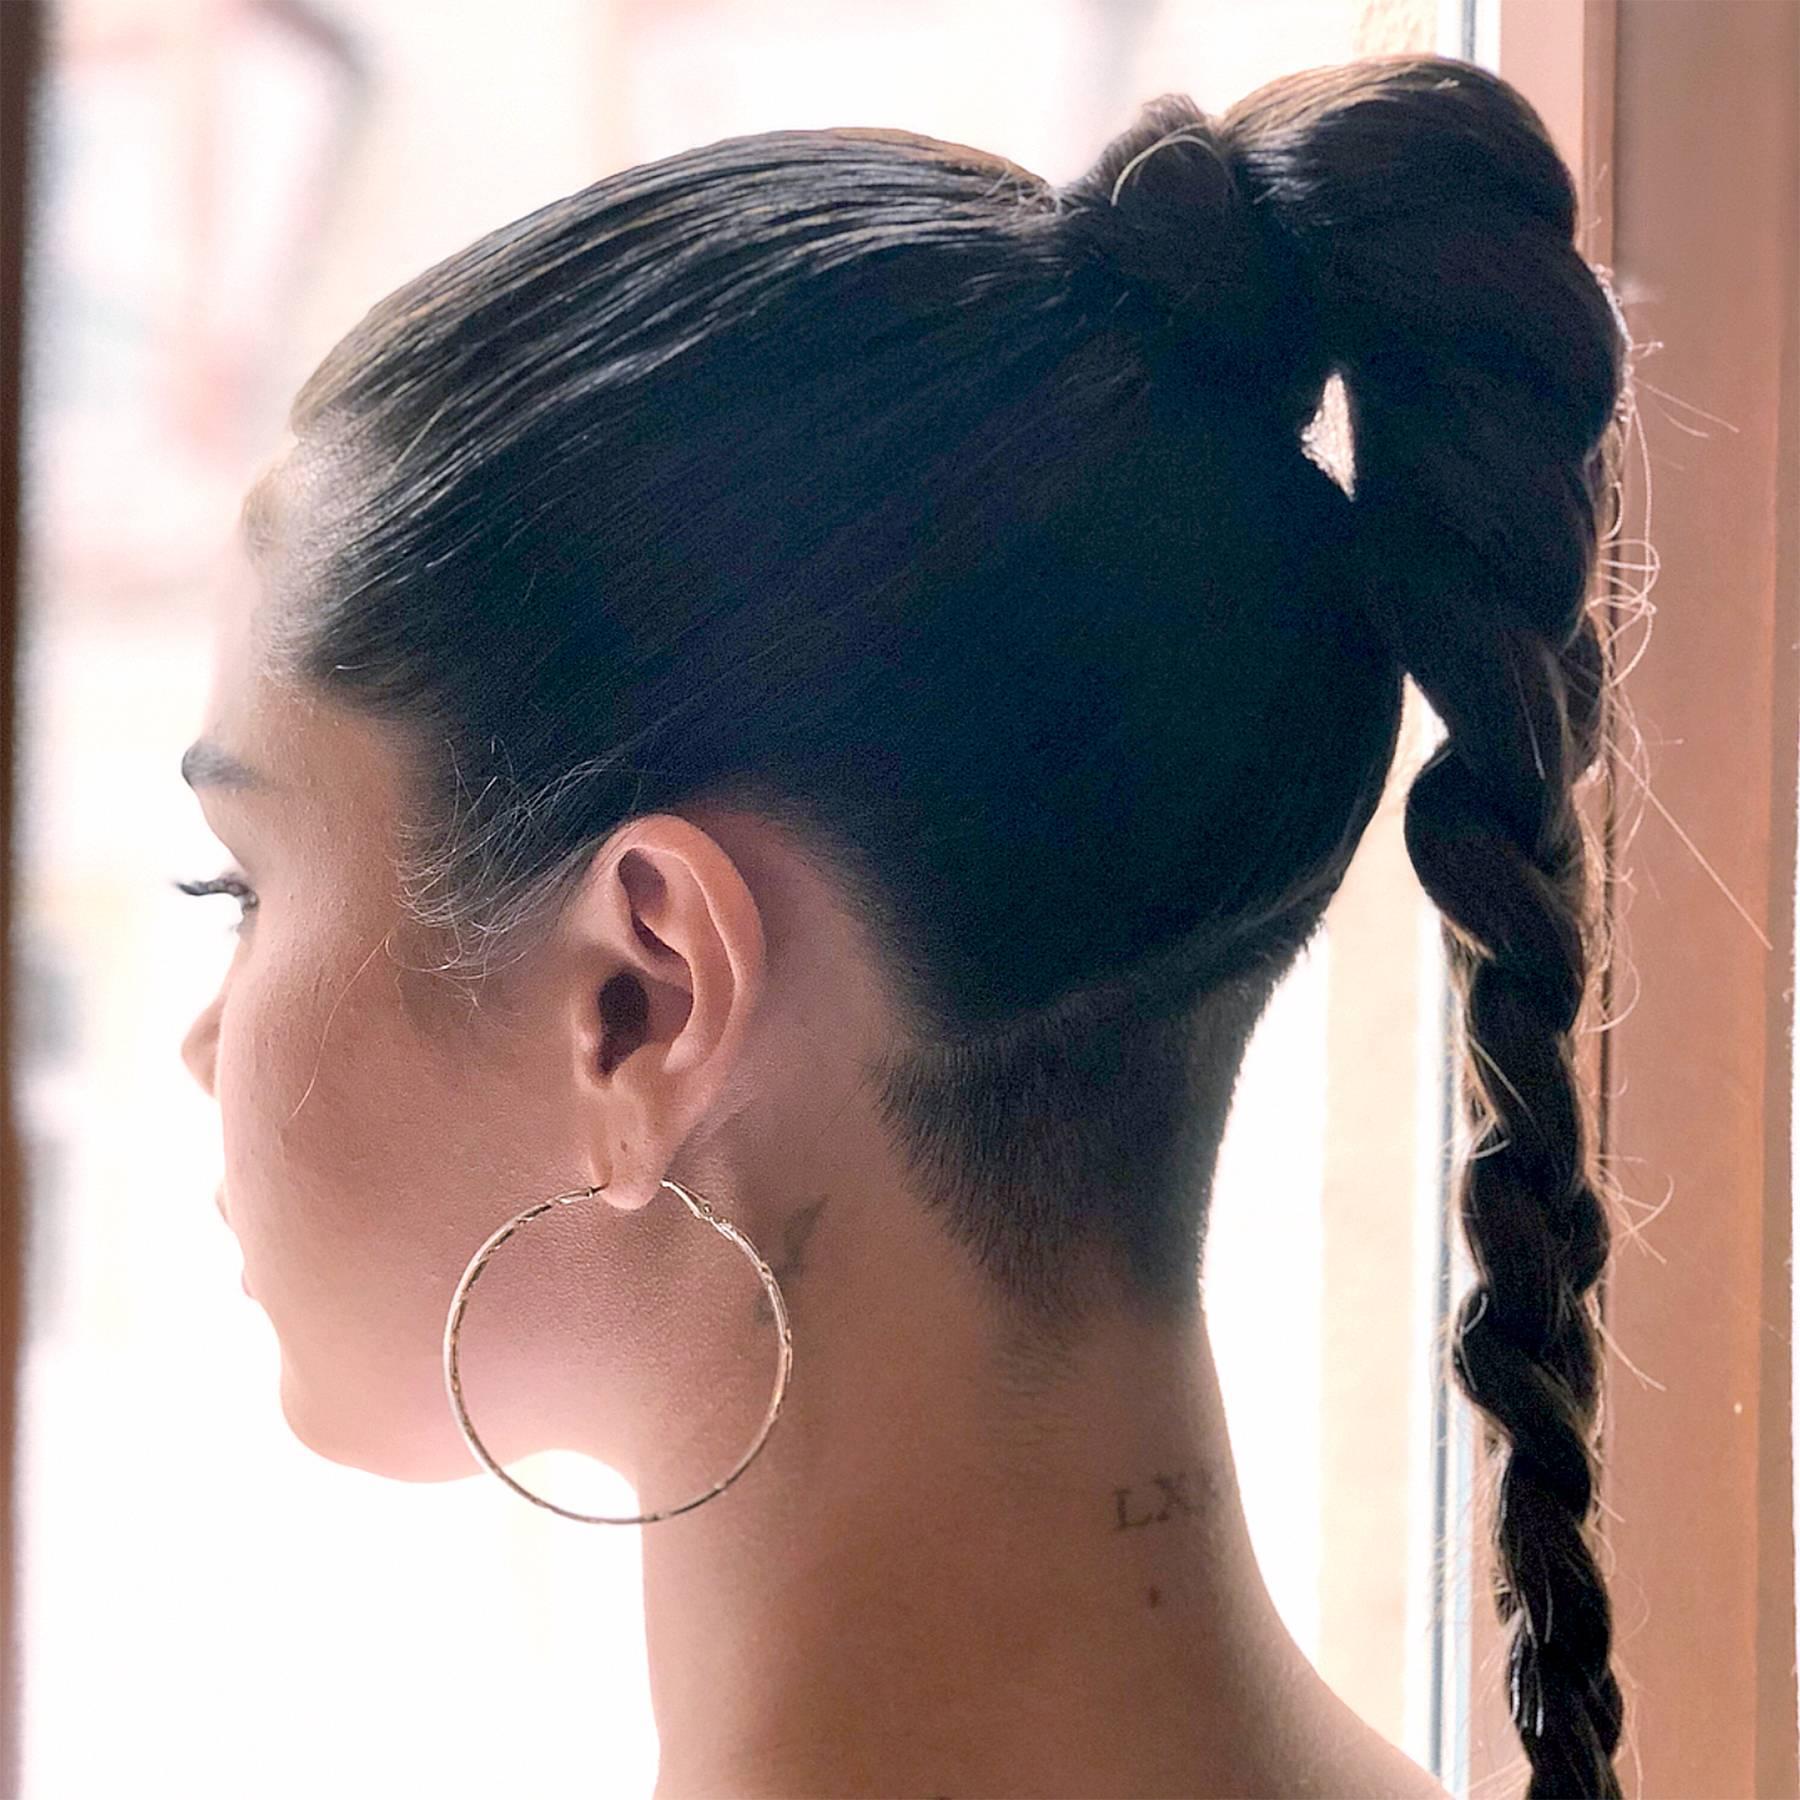 Selena Gomez cũng từng mê mẩn kiểu tóc undercut cạo sau gáy này